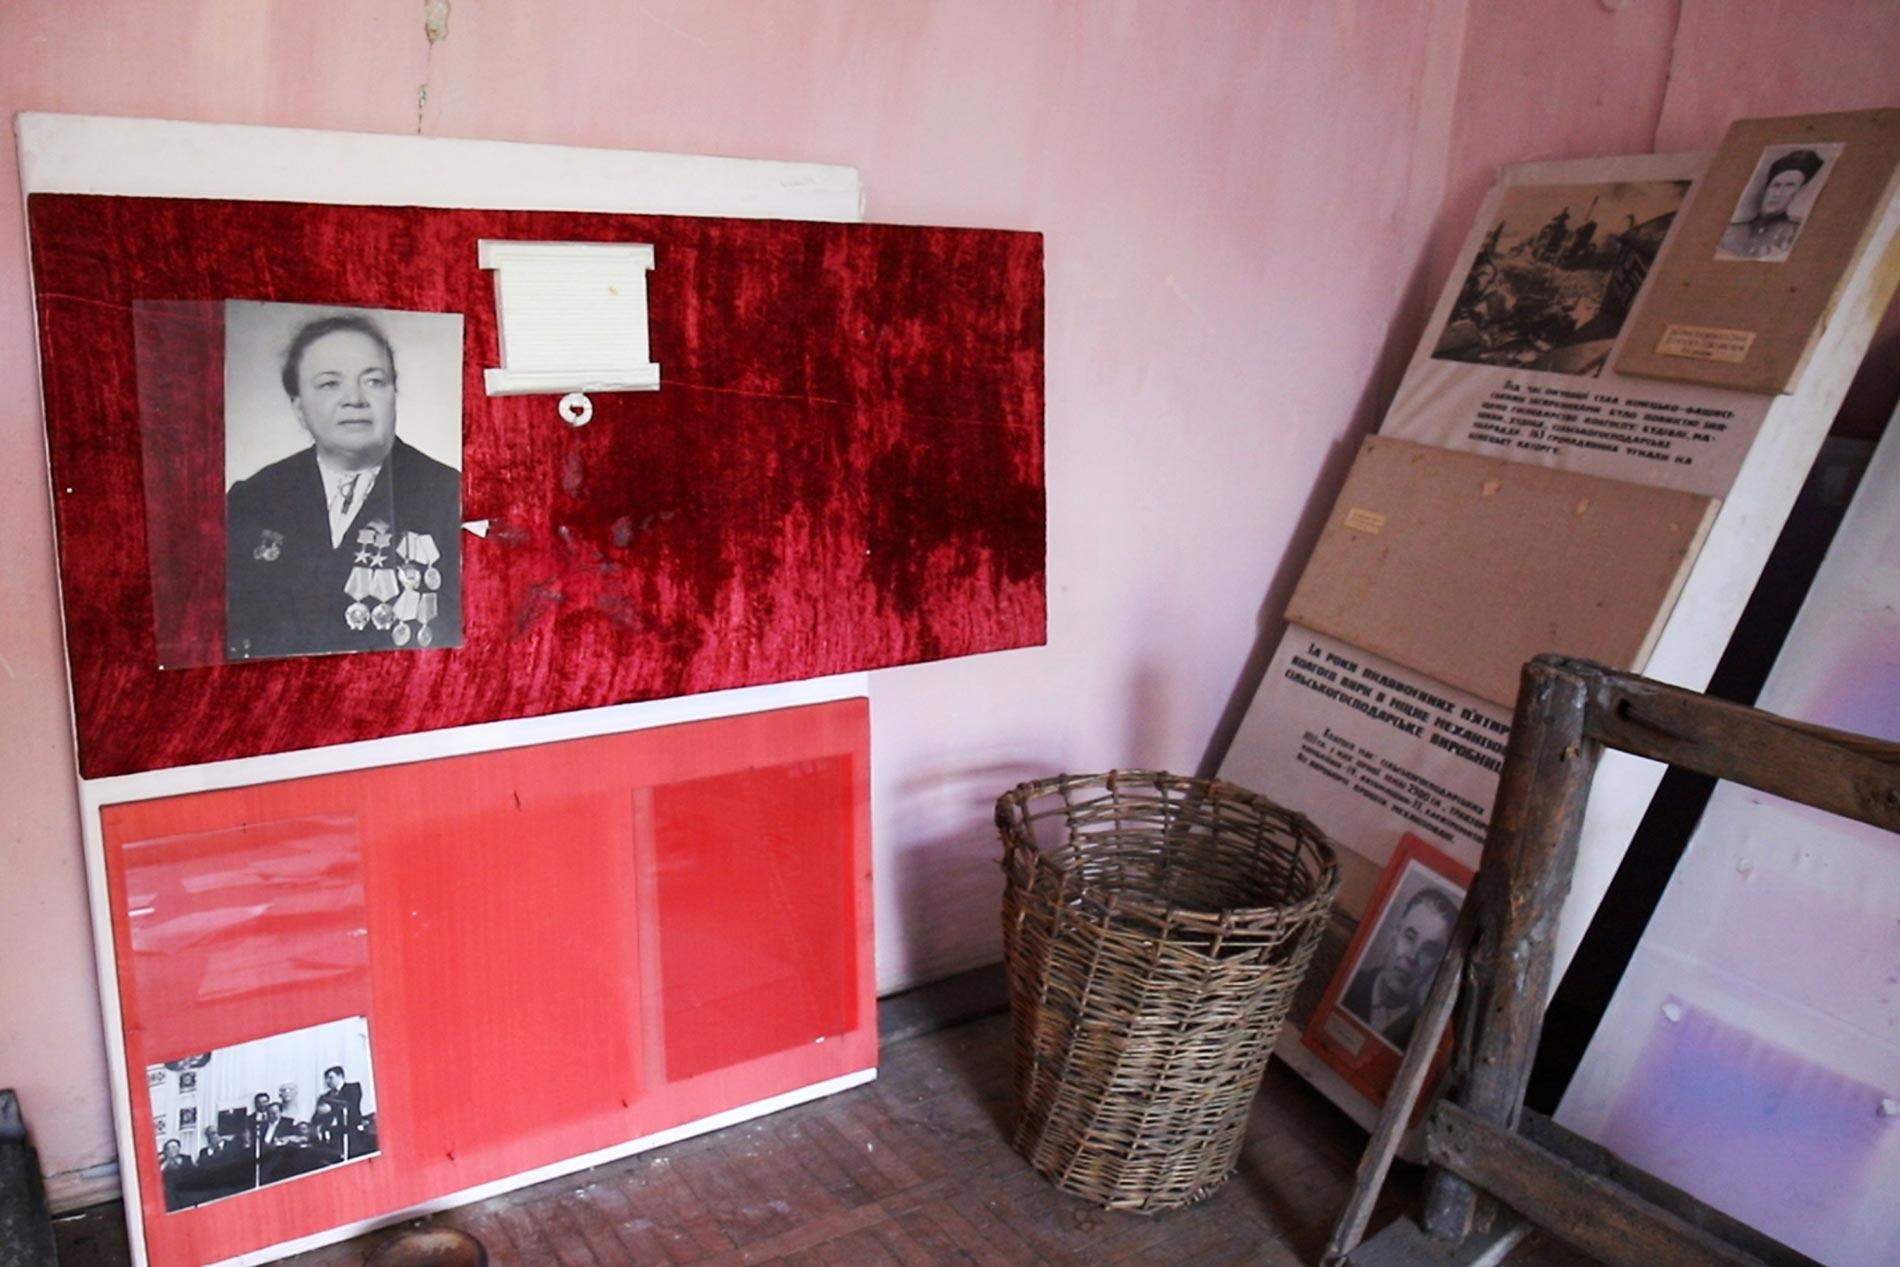 eksperymentalni sela 11 - <b>Соціальний експеримент над селянами.</b> Навіщо в СРСР із села хотіли зробити місто - Заборона